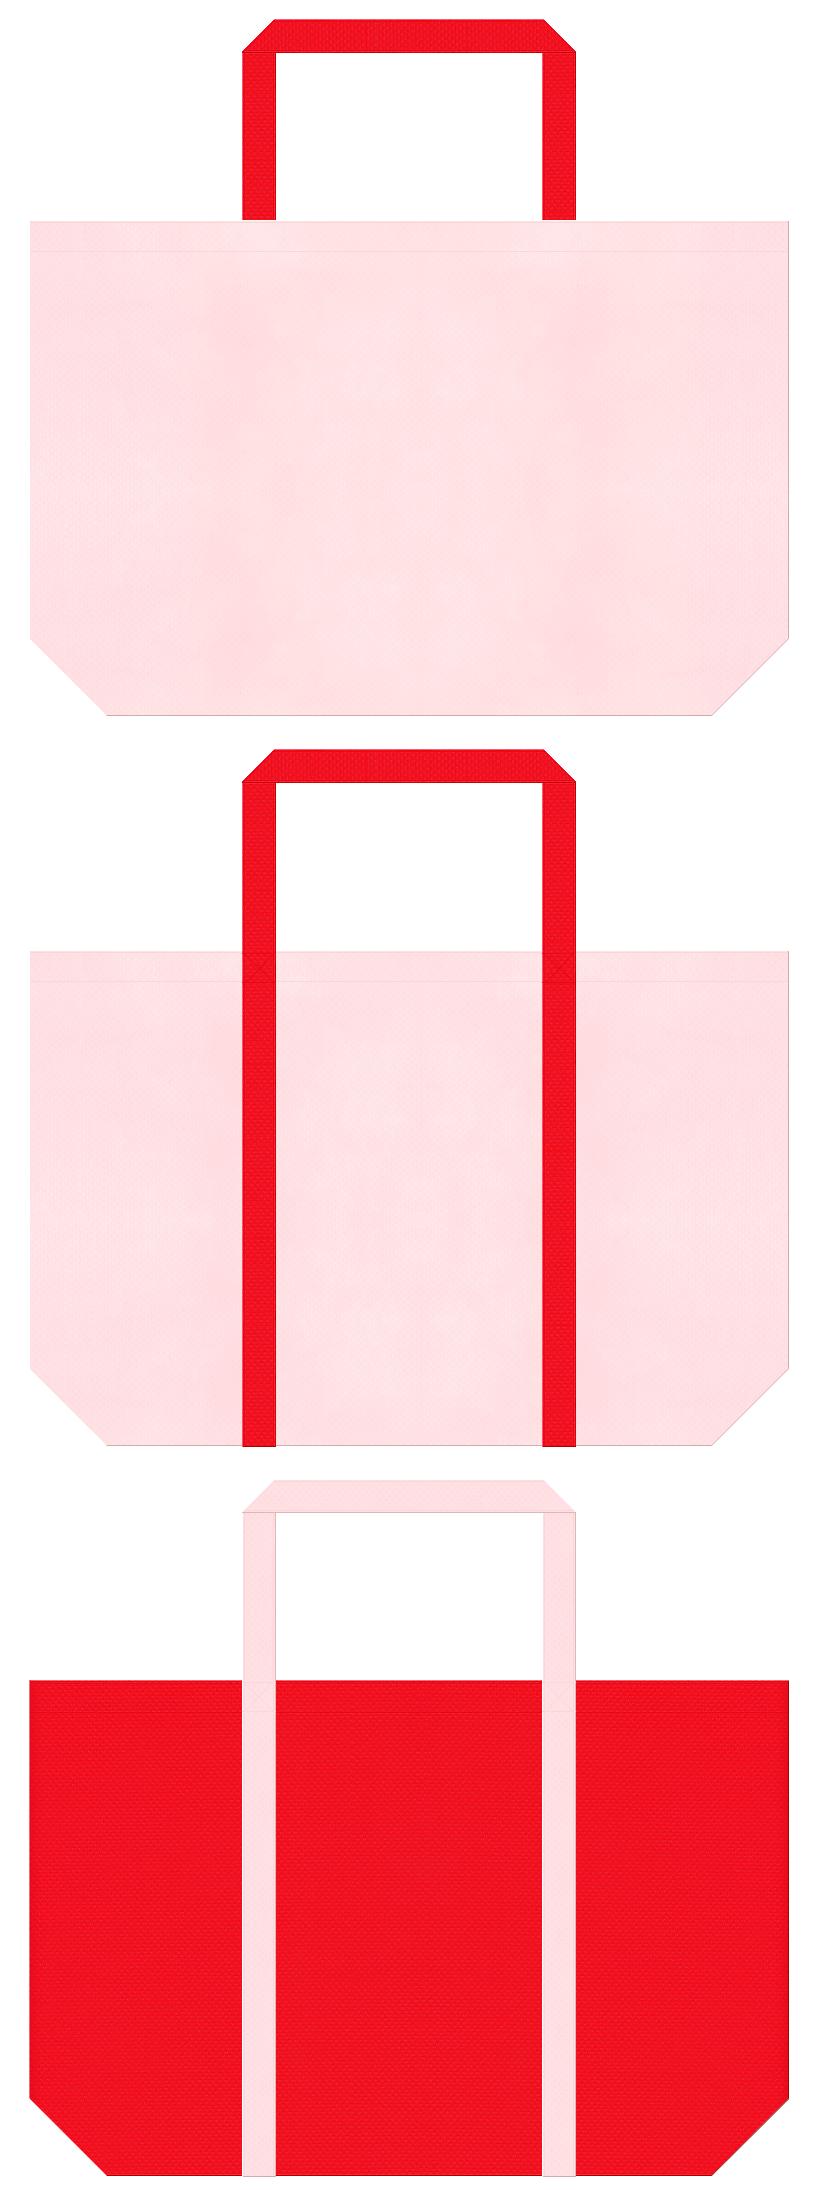 いちご大福・ケーキ・バレンタイン・ひな祭り・カーネーション・ハート・母の日・お正月・和風催事にお奨めの不織布バッグデザイン:桜色と赤色のコーデ